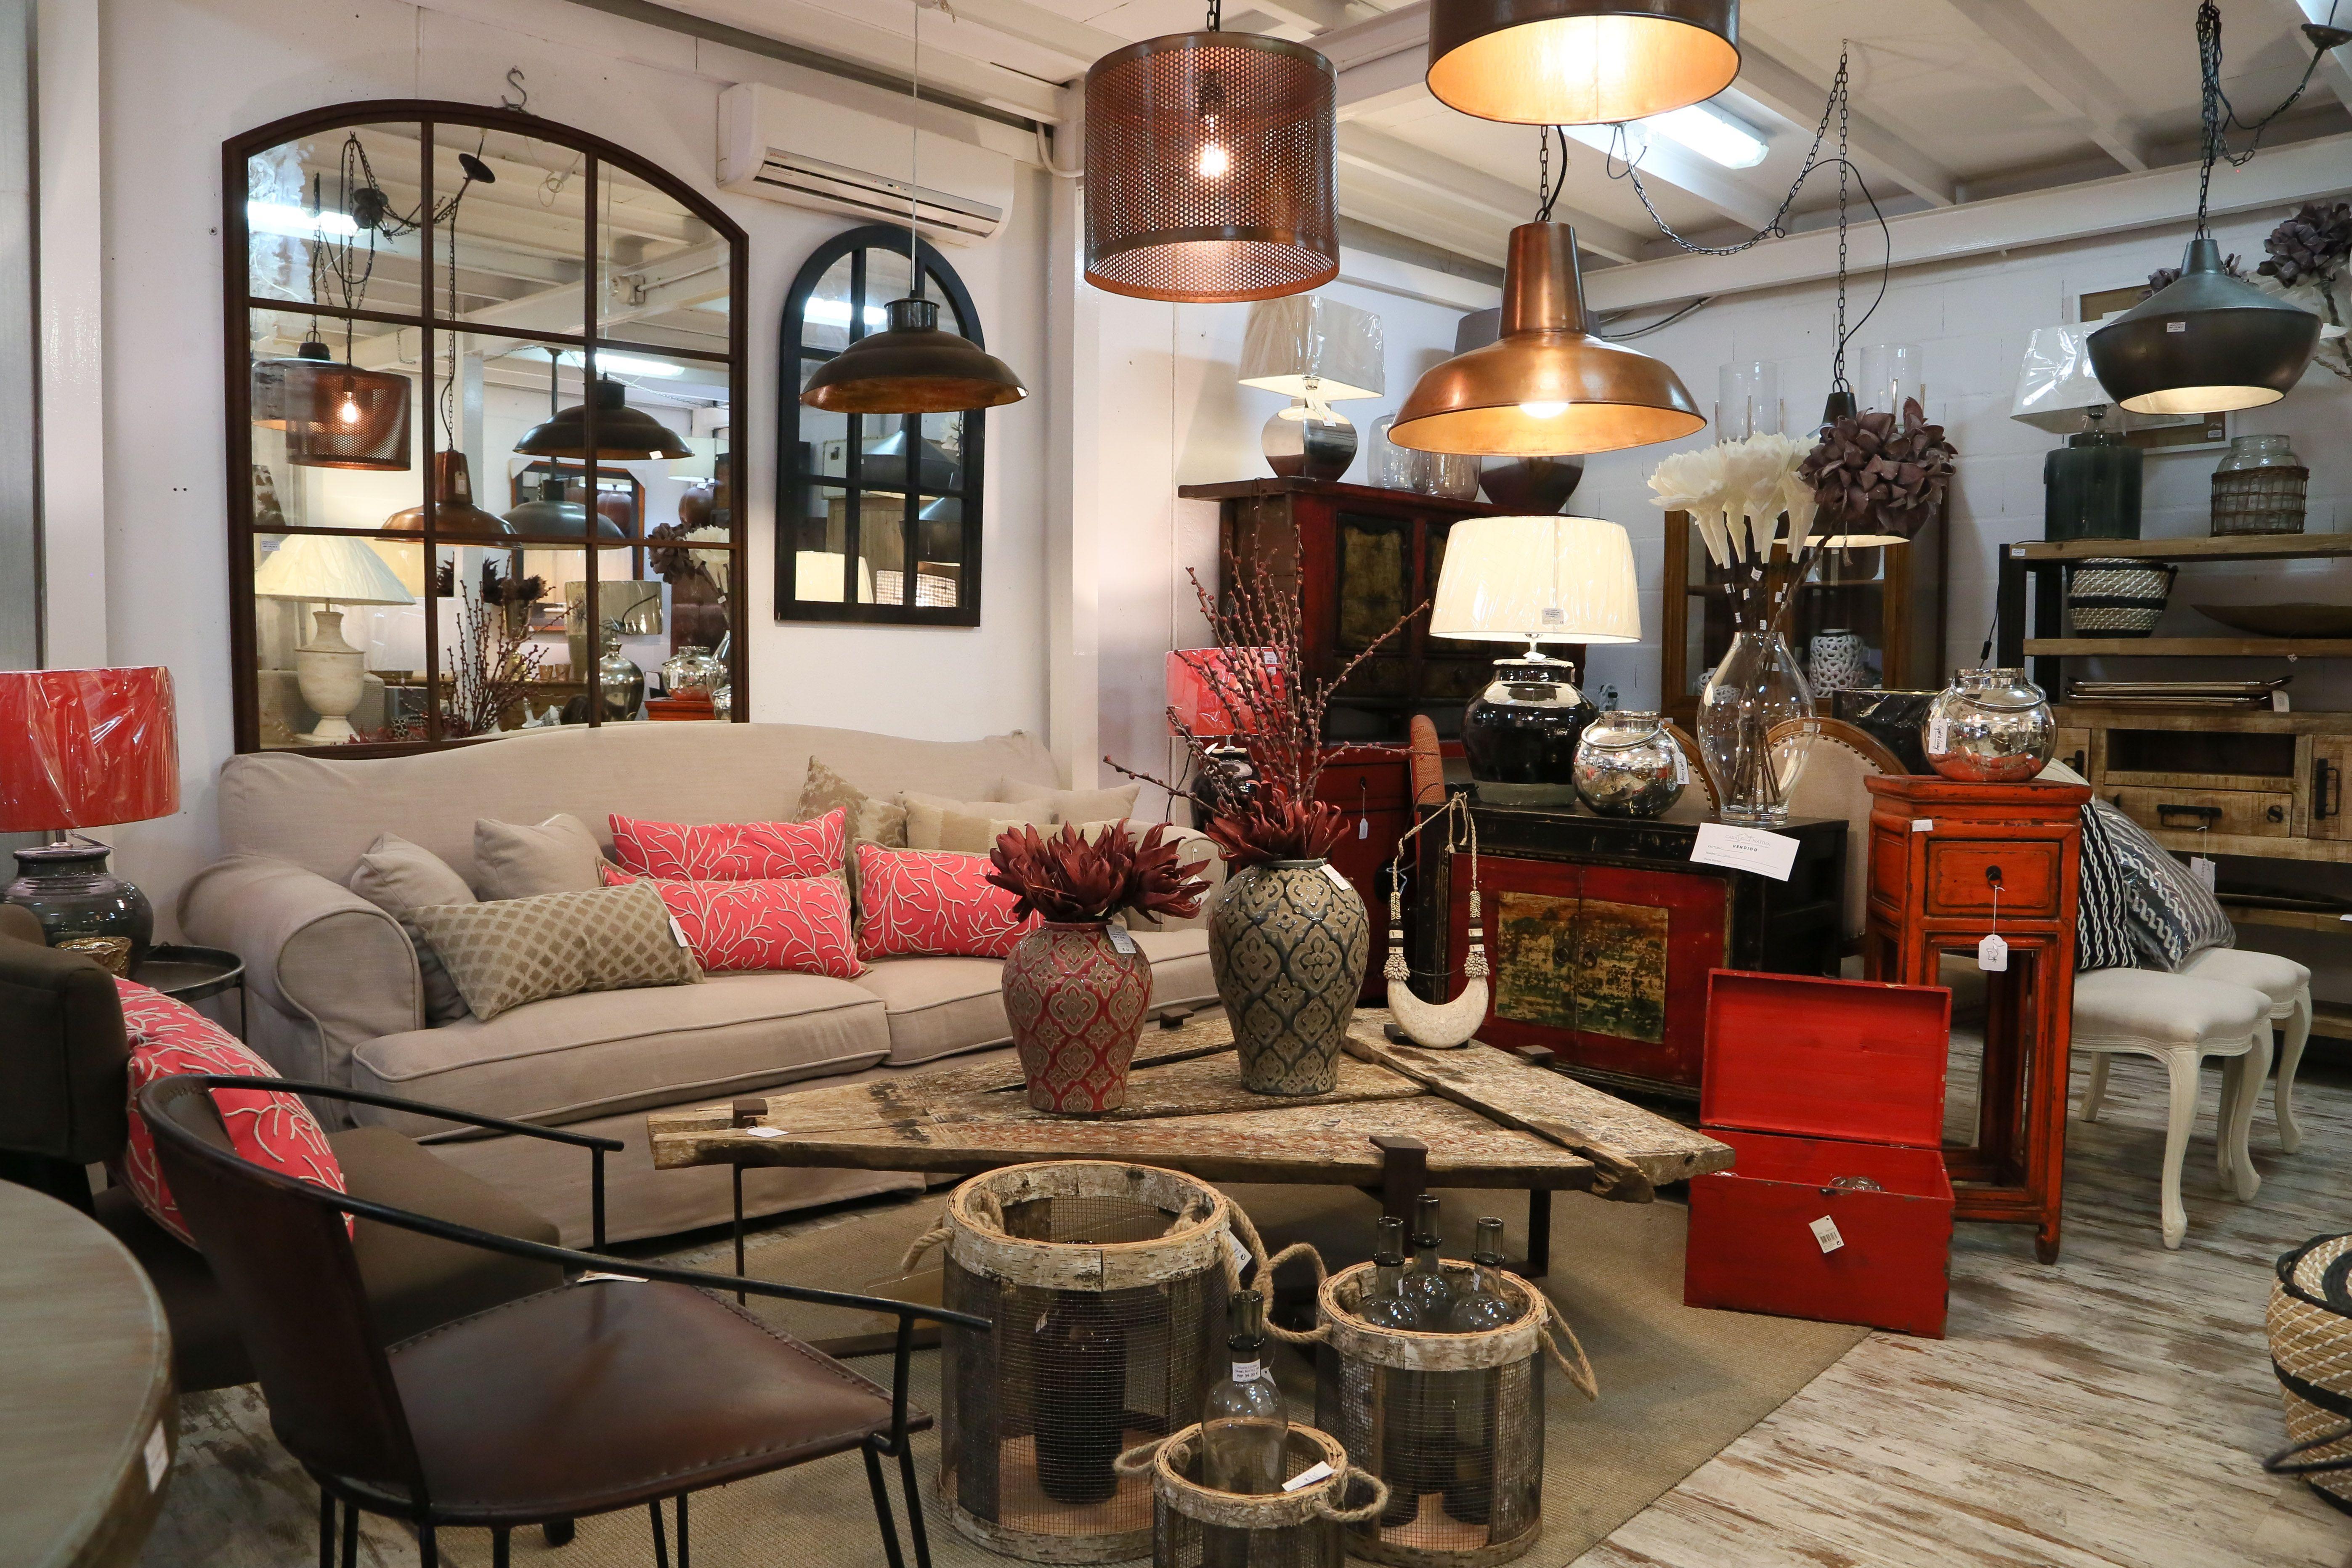 2 De Muebles Y Decoraci N En Las Rozas De Madrid Casa Nativa # Muebles Las Rozas